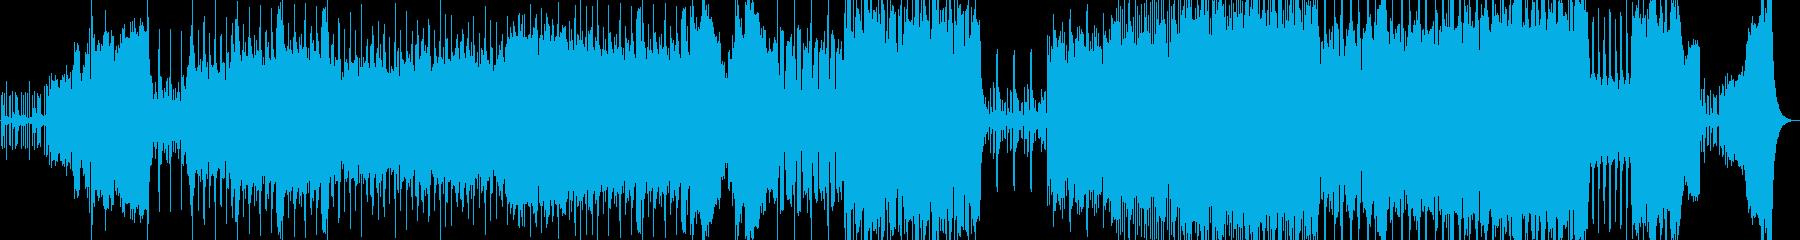 オーケストラハロウィンオープニングの再生済みの波形